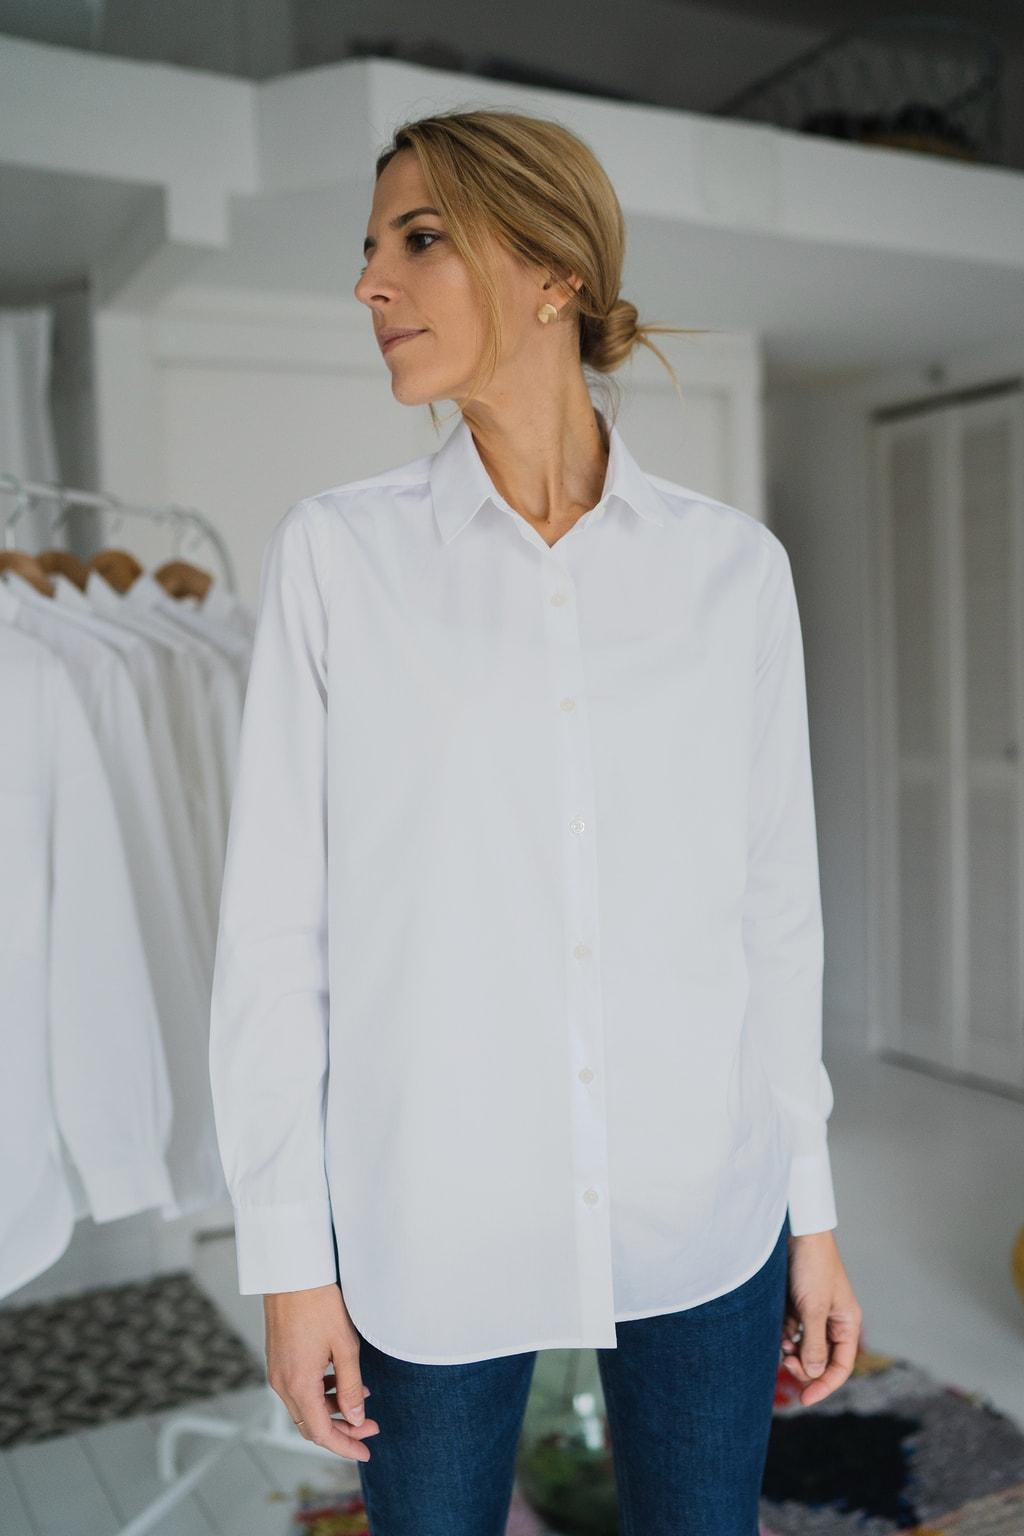 Trouver la chemise blanche idéale   8 marques au banc d essai - Le ... 1ab11e184dae